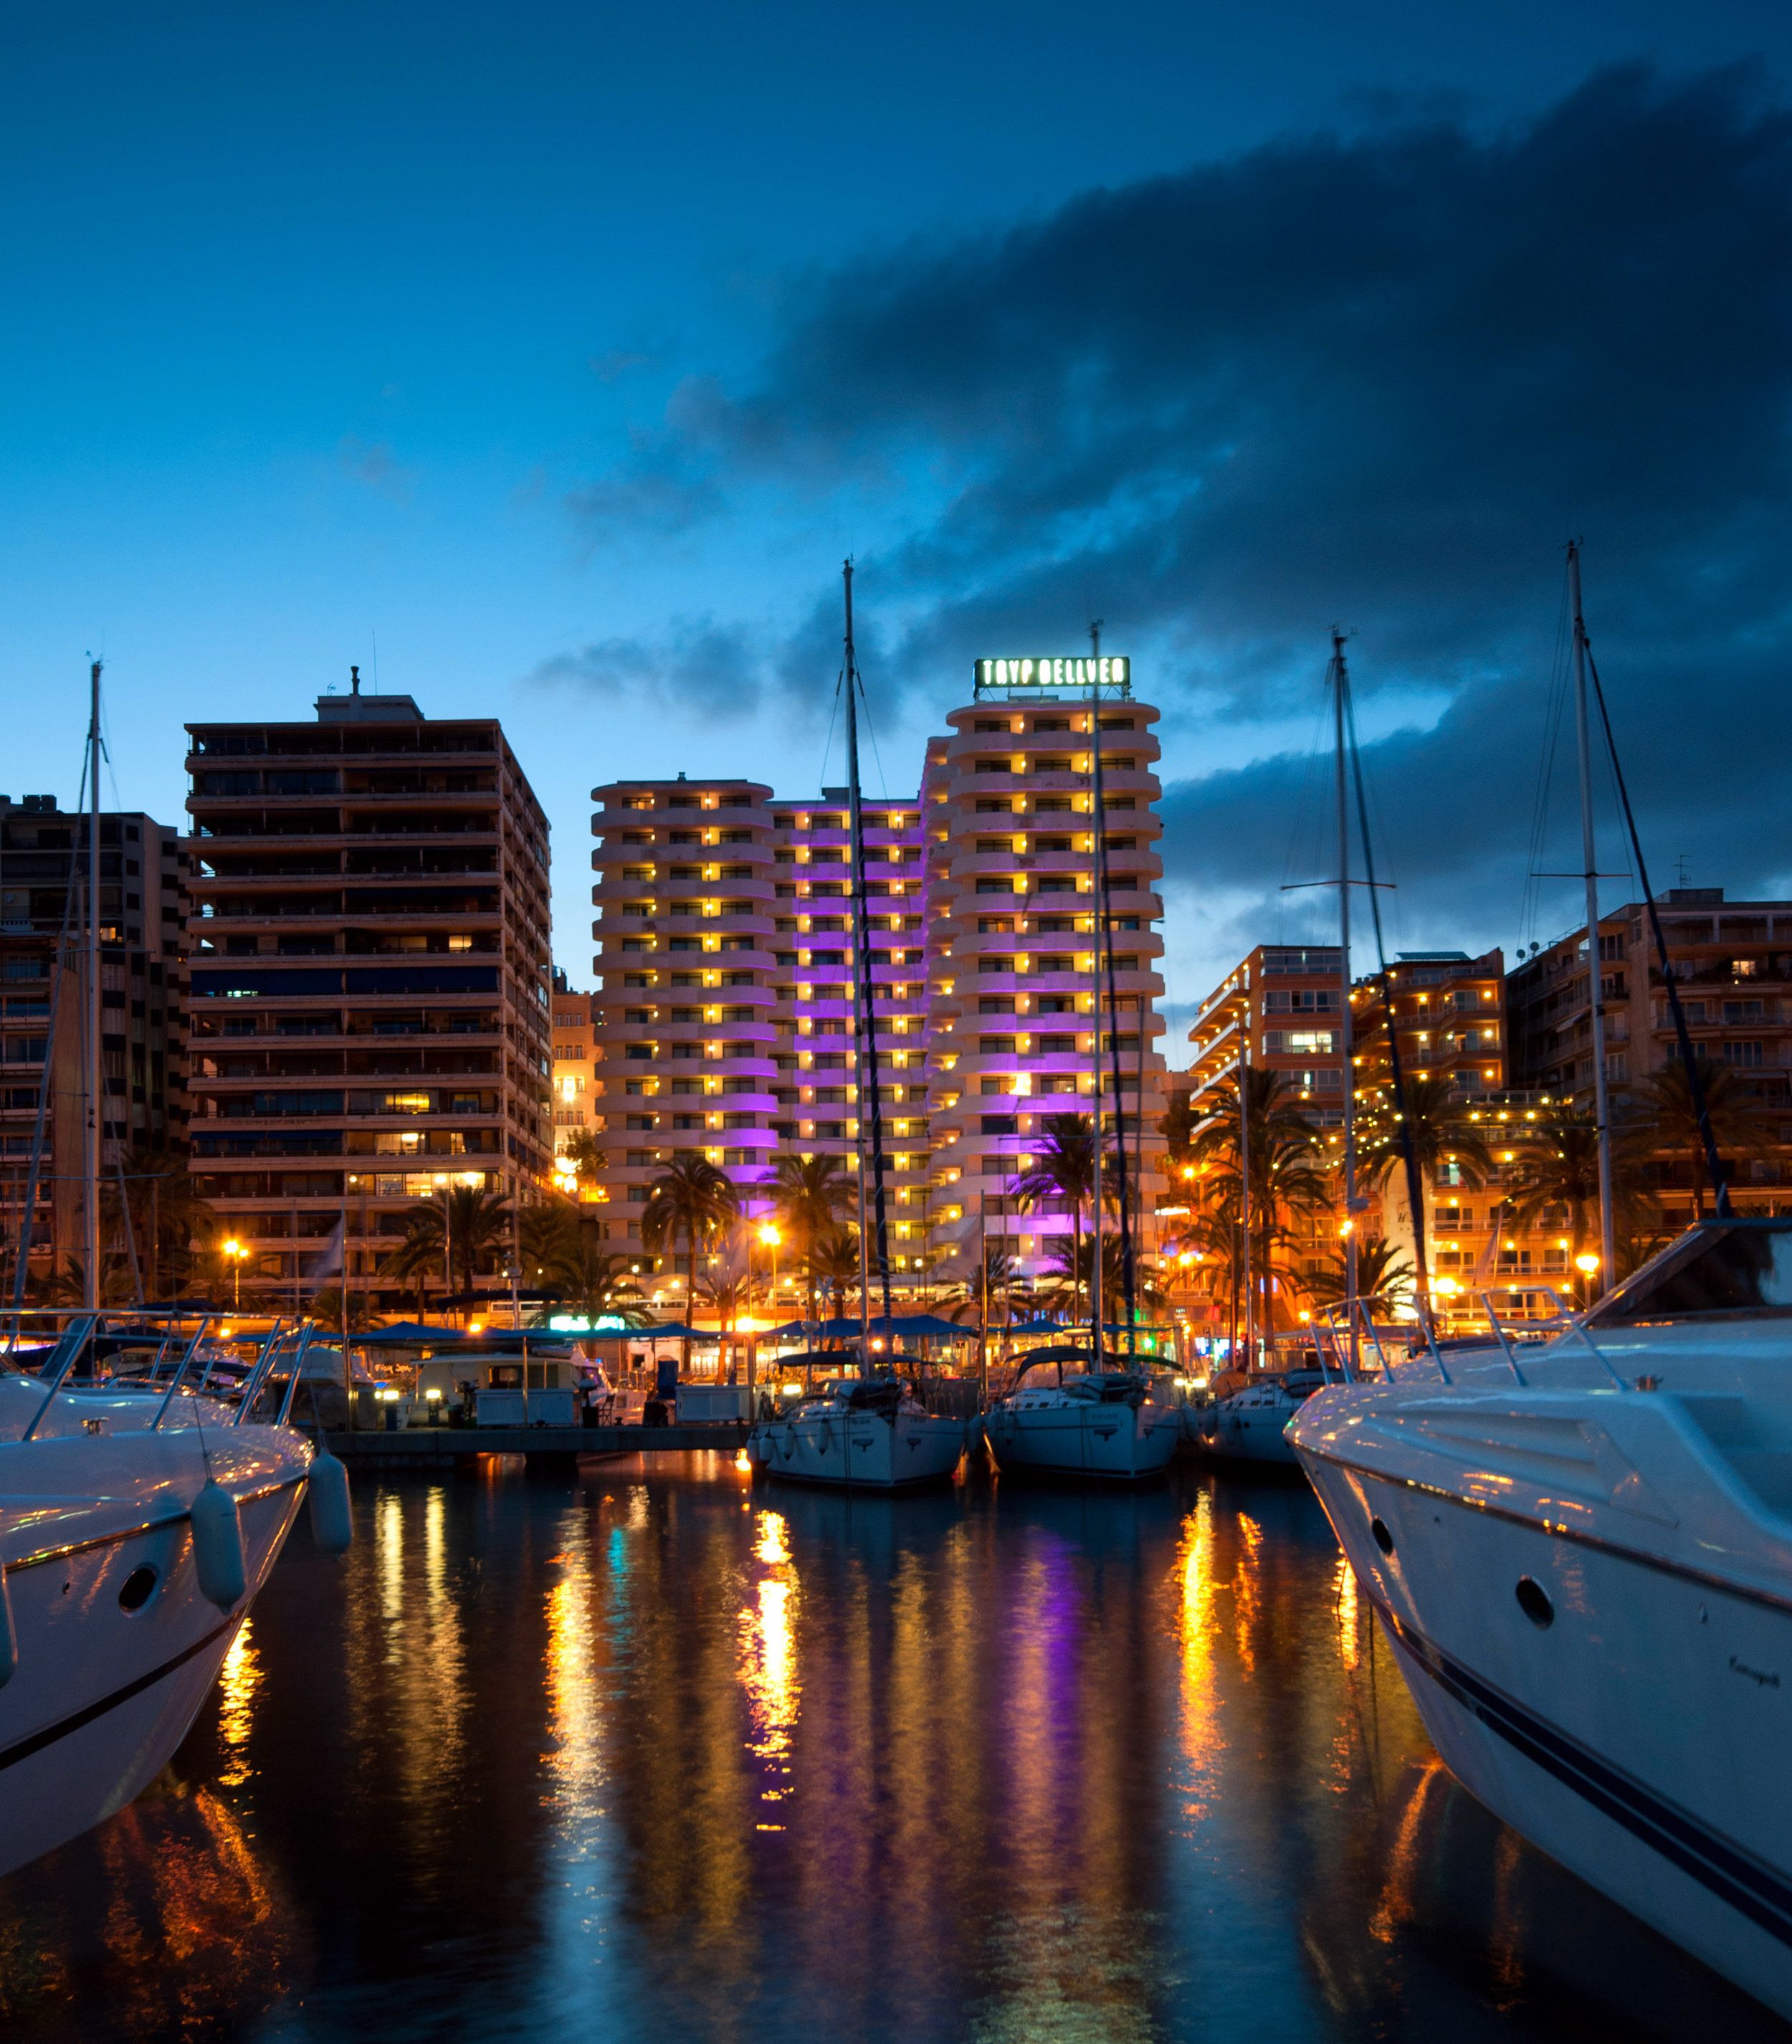 Palma Bellver at night